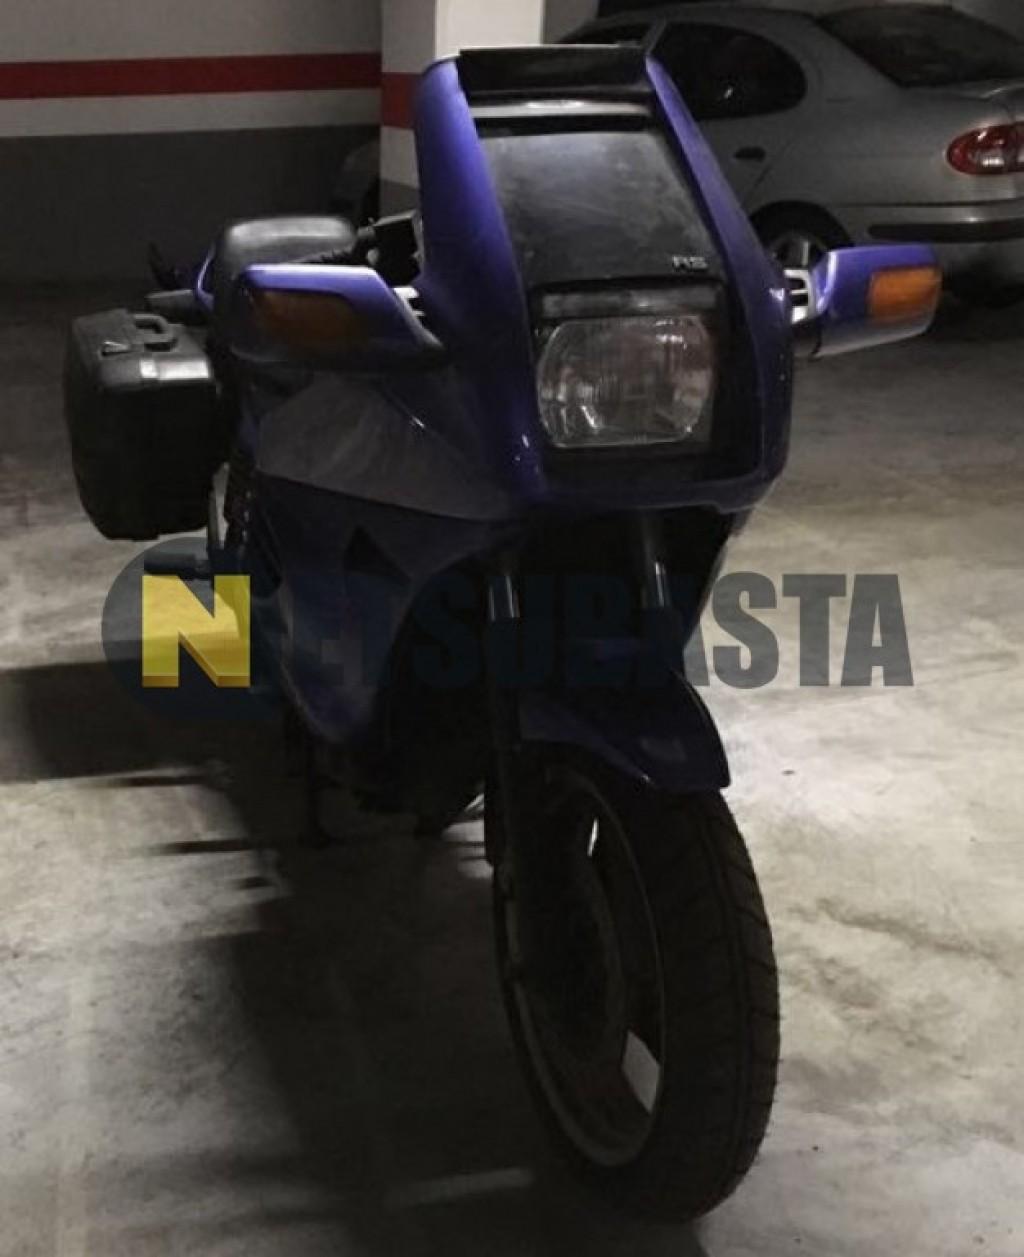 Subasta De Bmw K 1100 Rs 1993